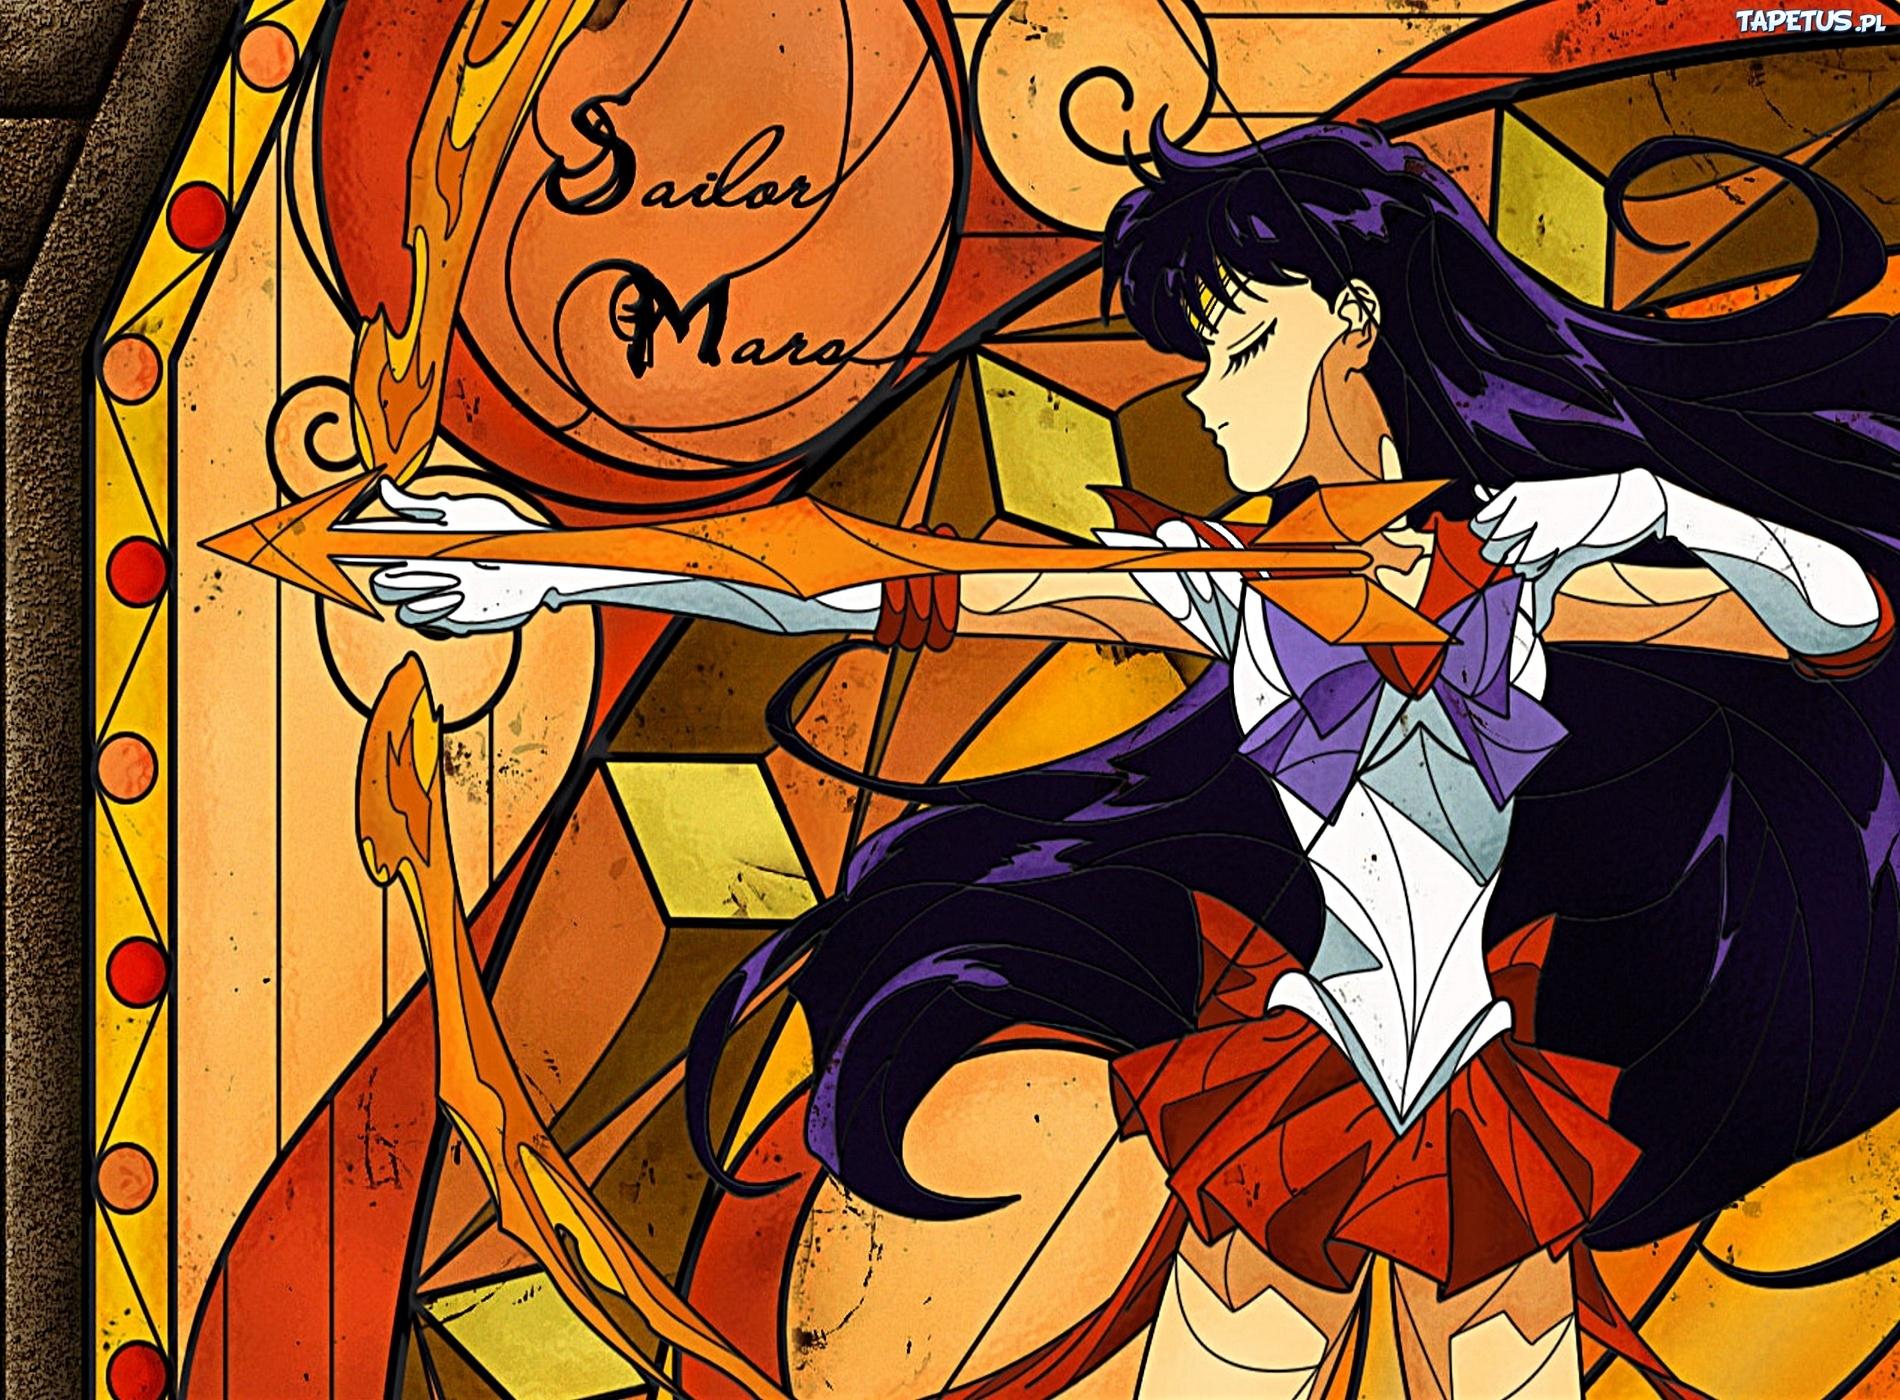 1080x2280 hino rei, mizuno ami, sailor moon One Plus 6